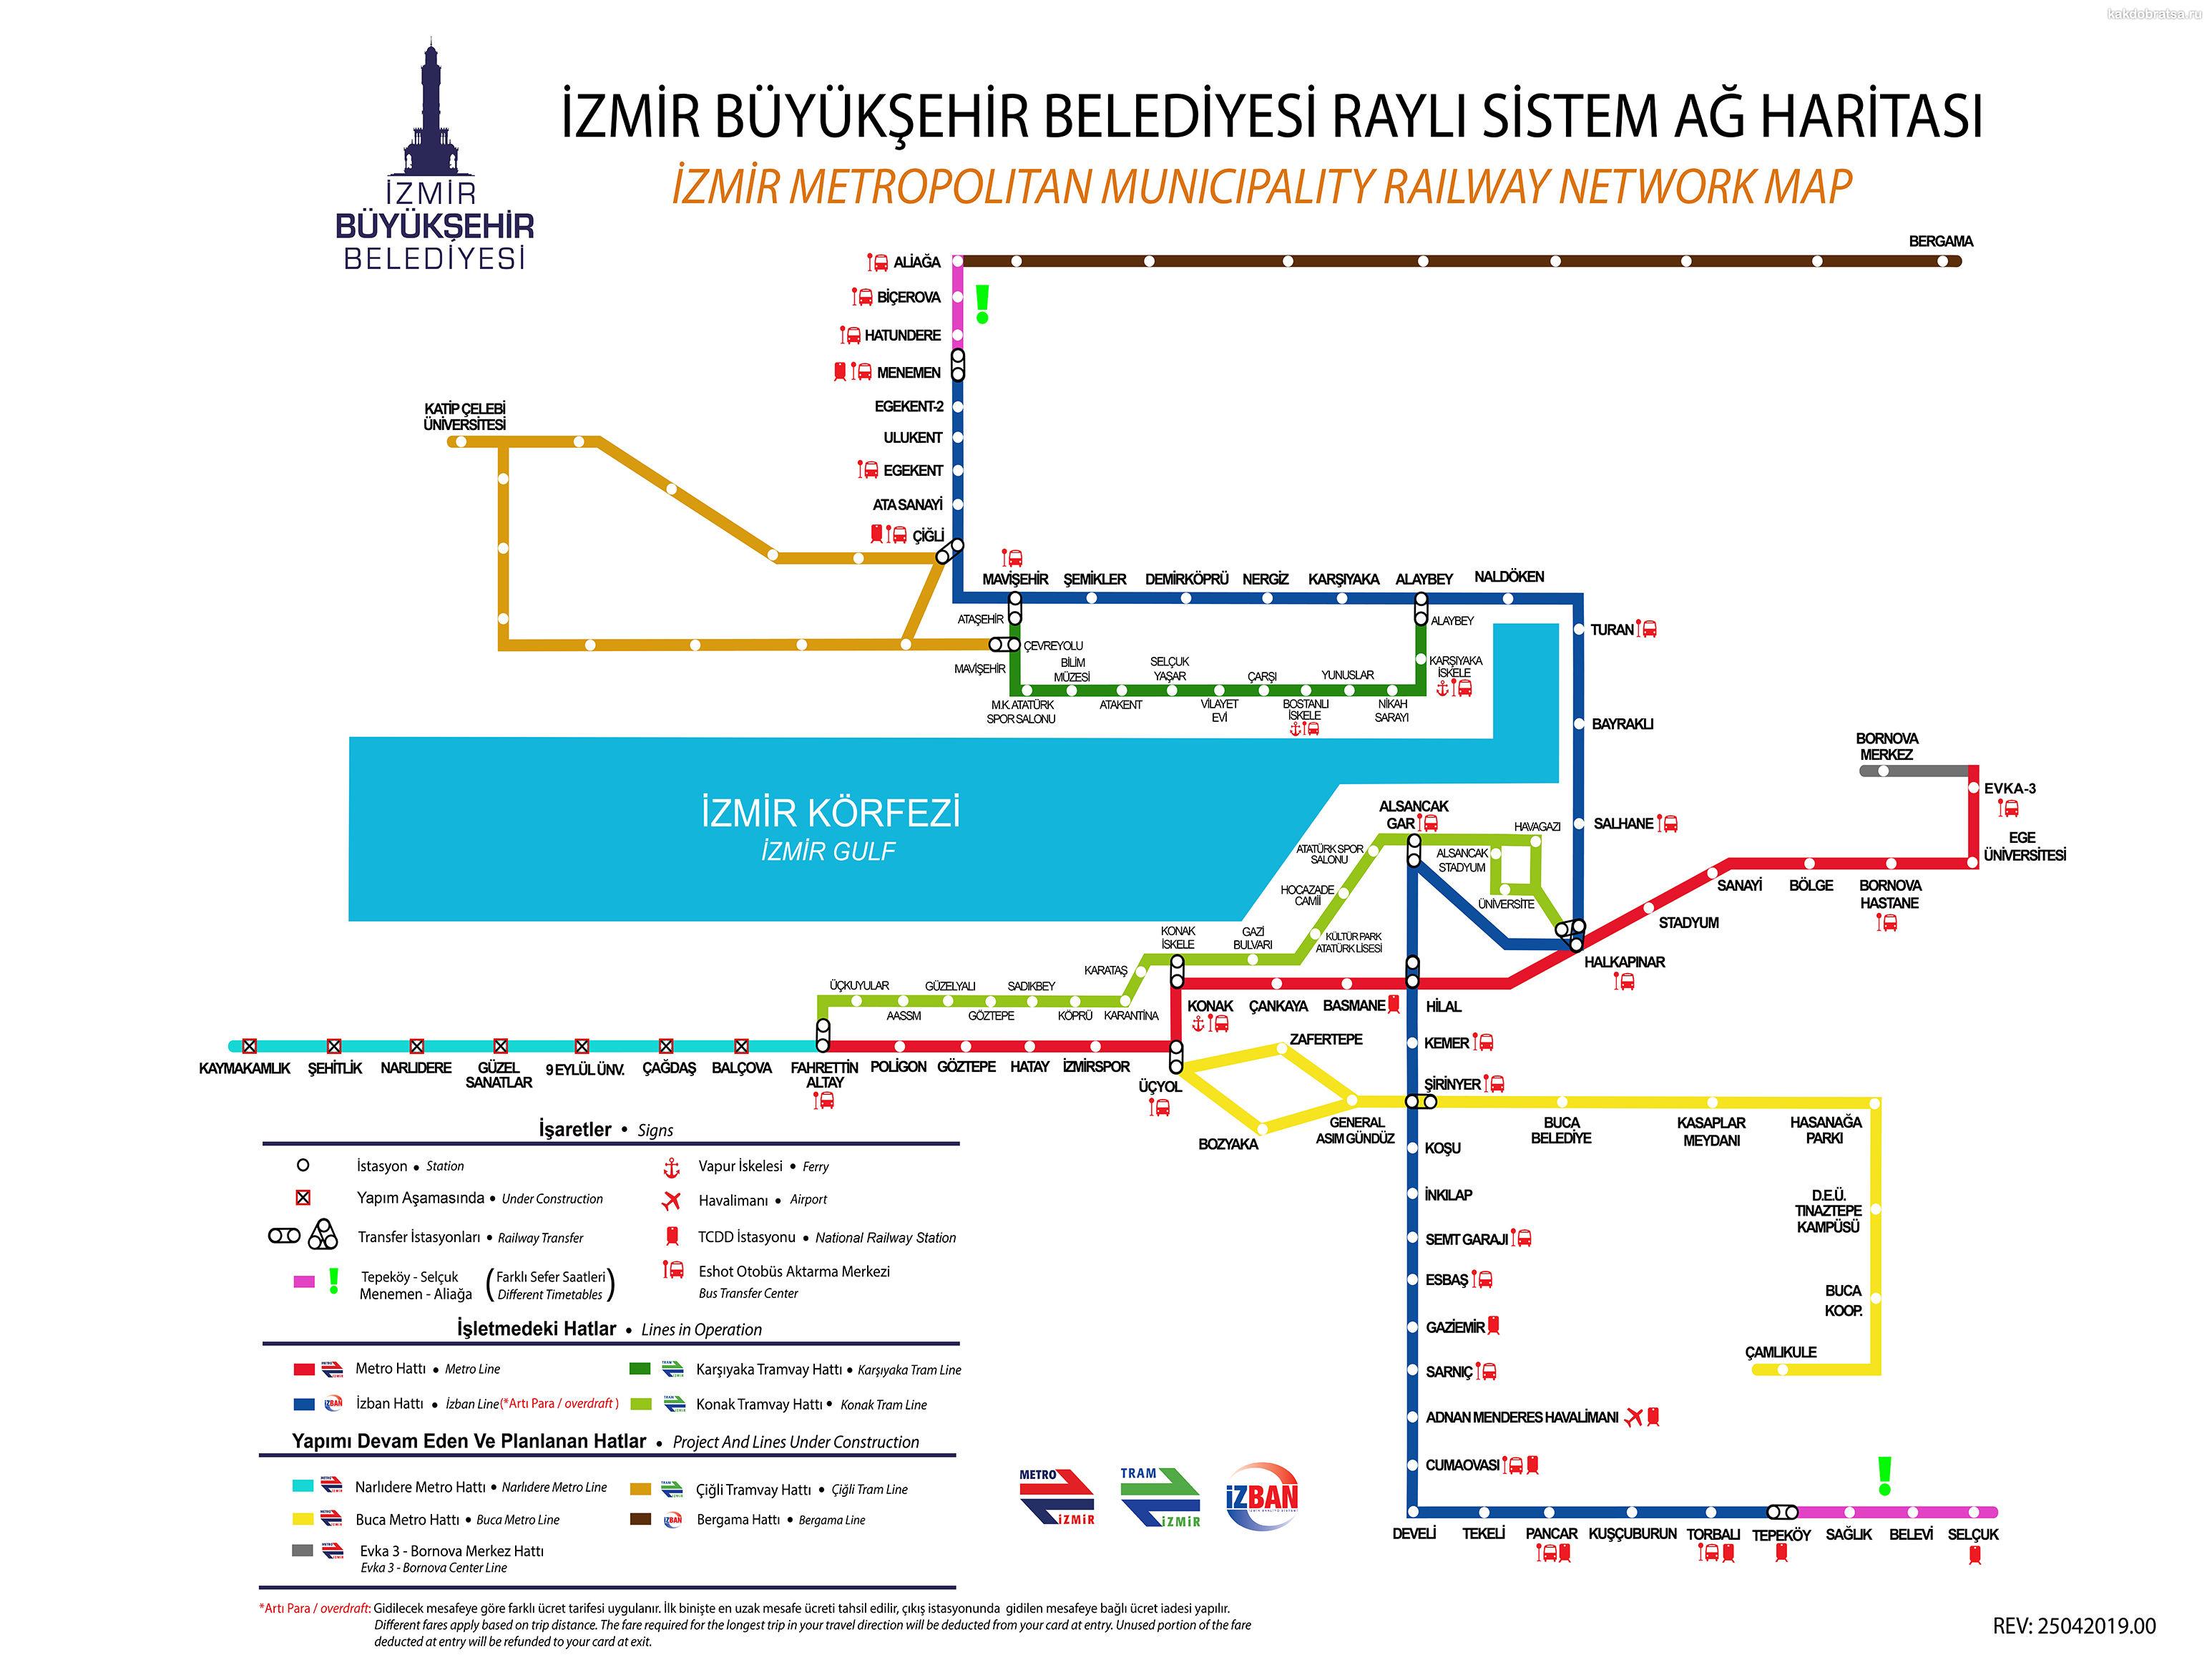 Карта схема метро, трамваев и поездов Измира